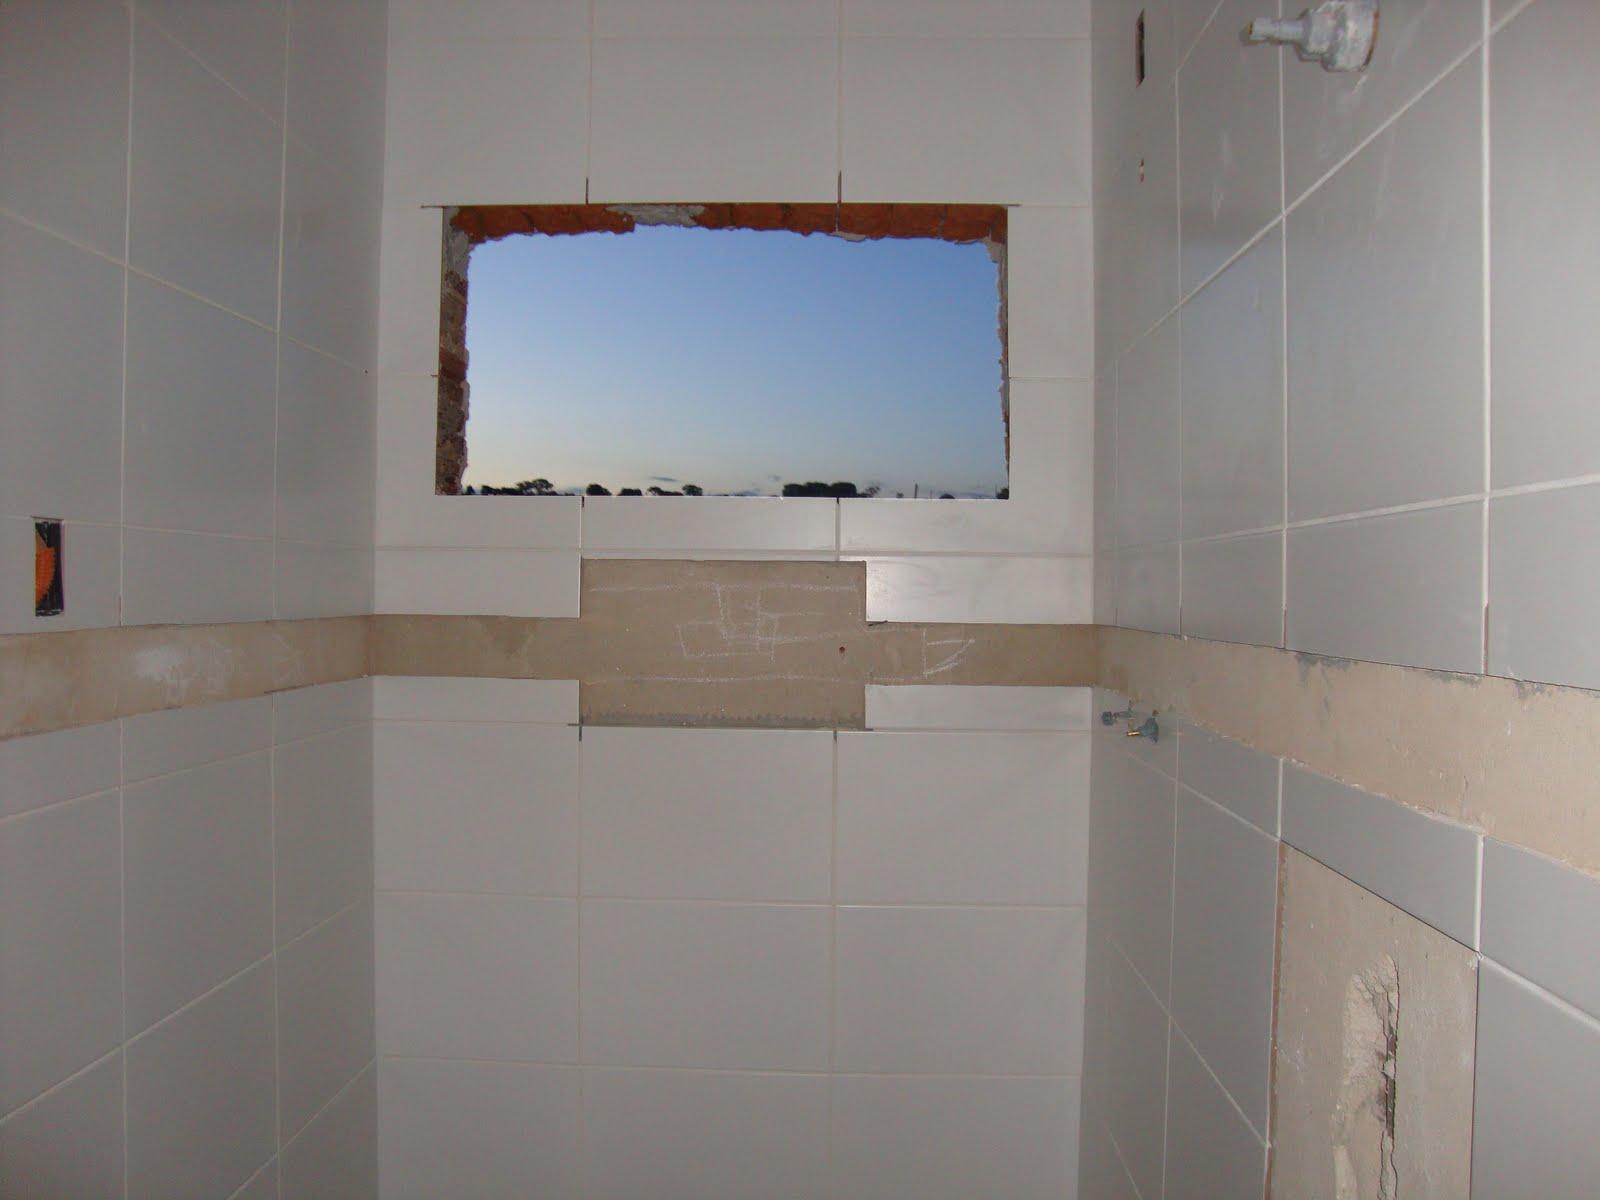 Construindo sobre a rocha Meu nicho, Gessos e fotos da obra -> Nicho De Banheiro Medidas